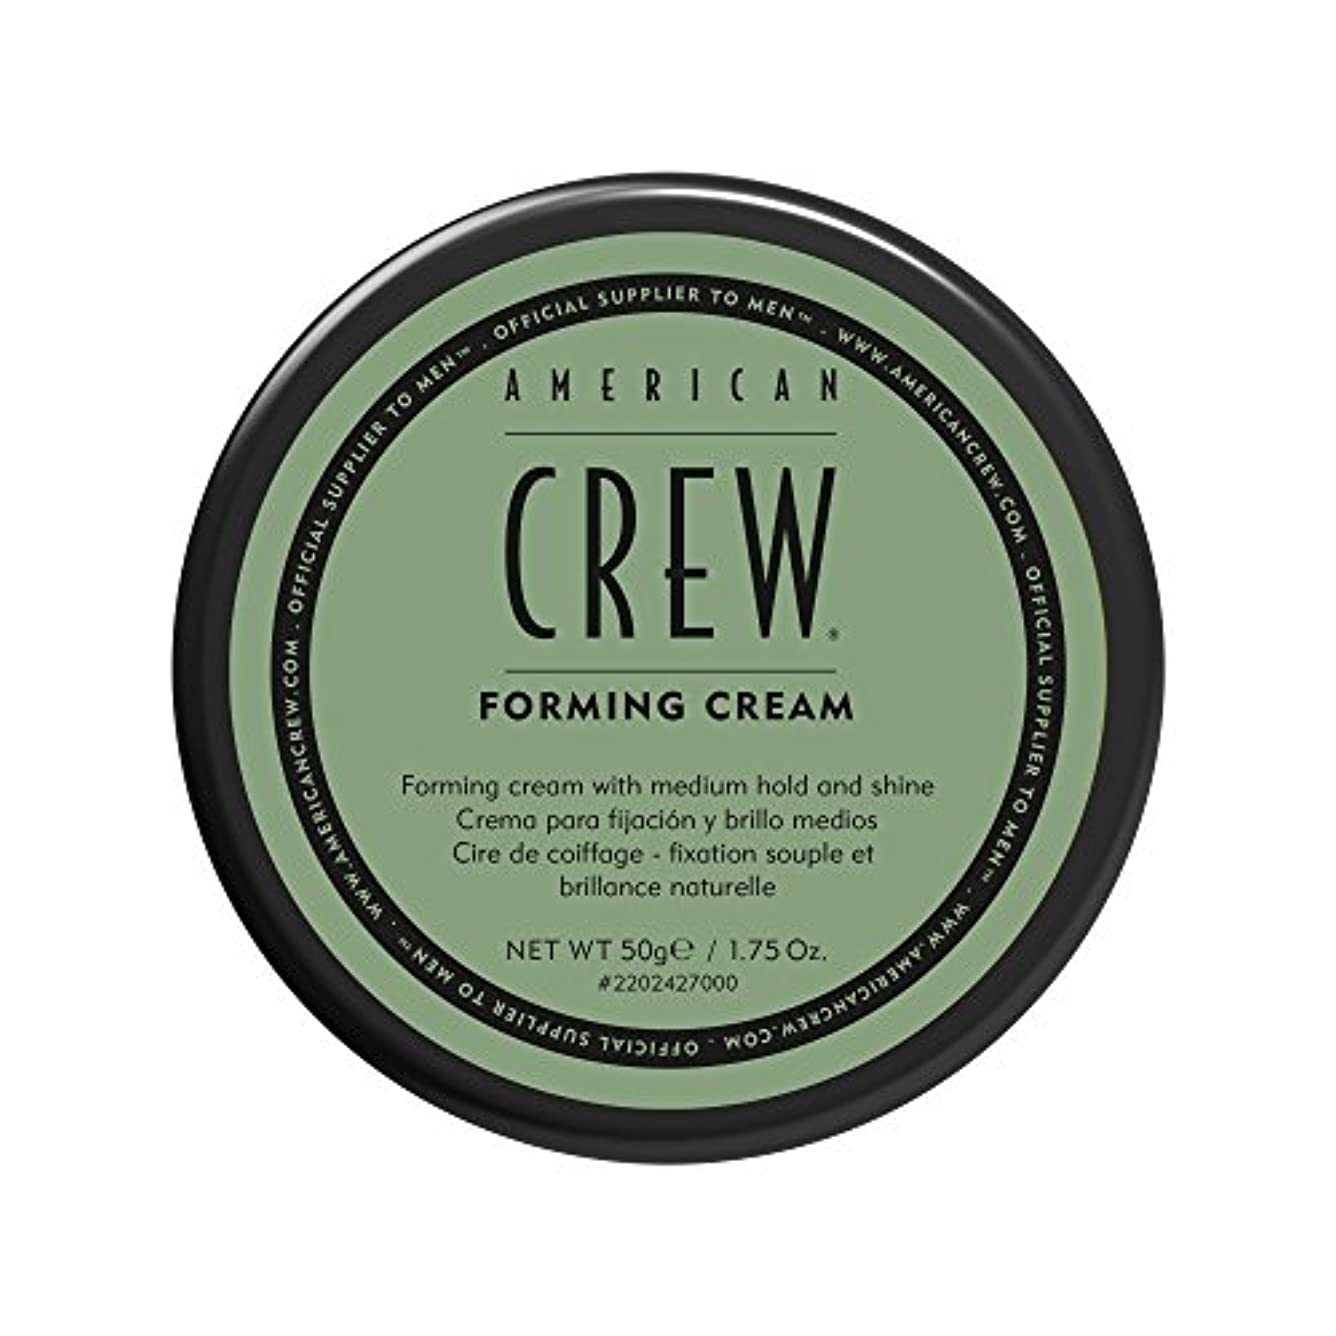 生活広く行商人by American Crew FORMING CREAM 1.75 OZ by AMERICAN CREW